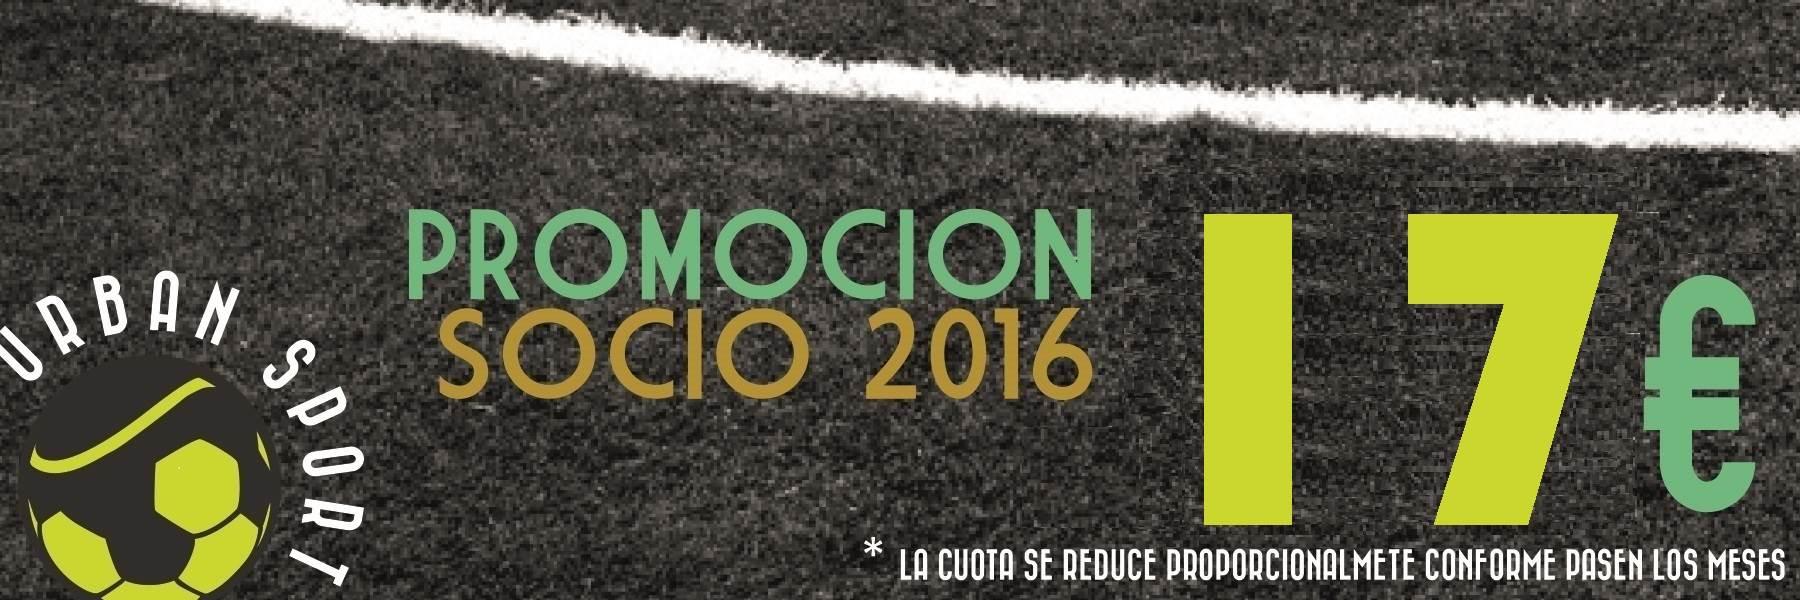 PROMOCION SOCIO marzo 2016 WEB.jpg